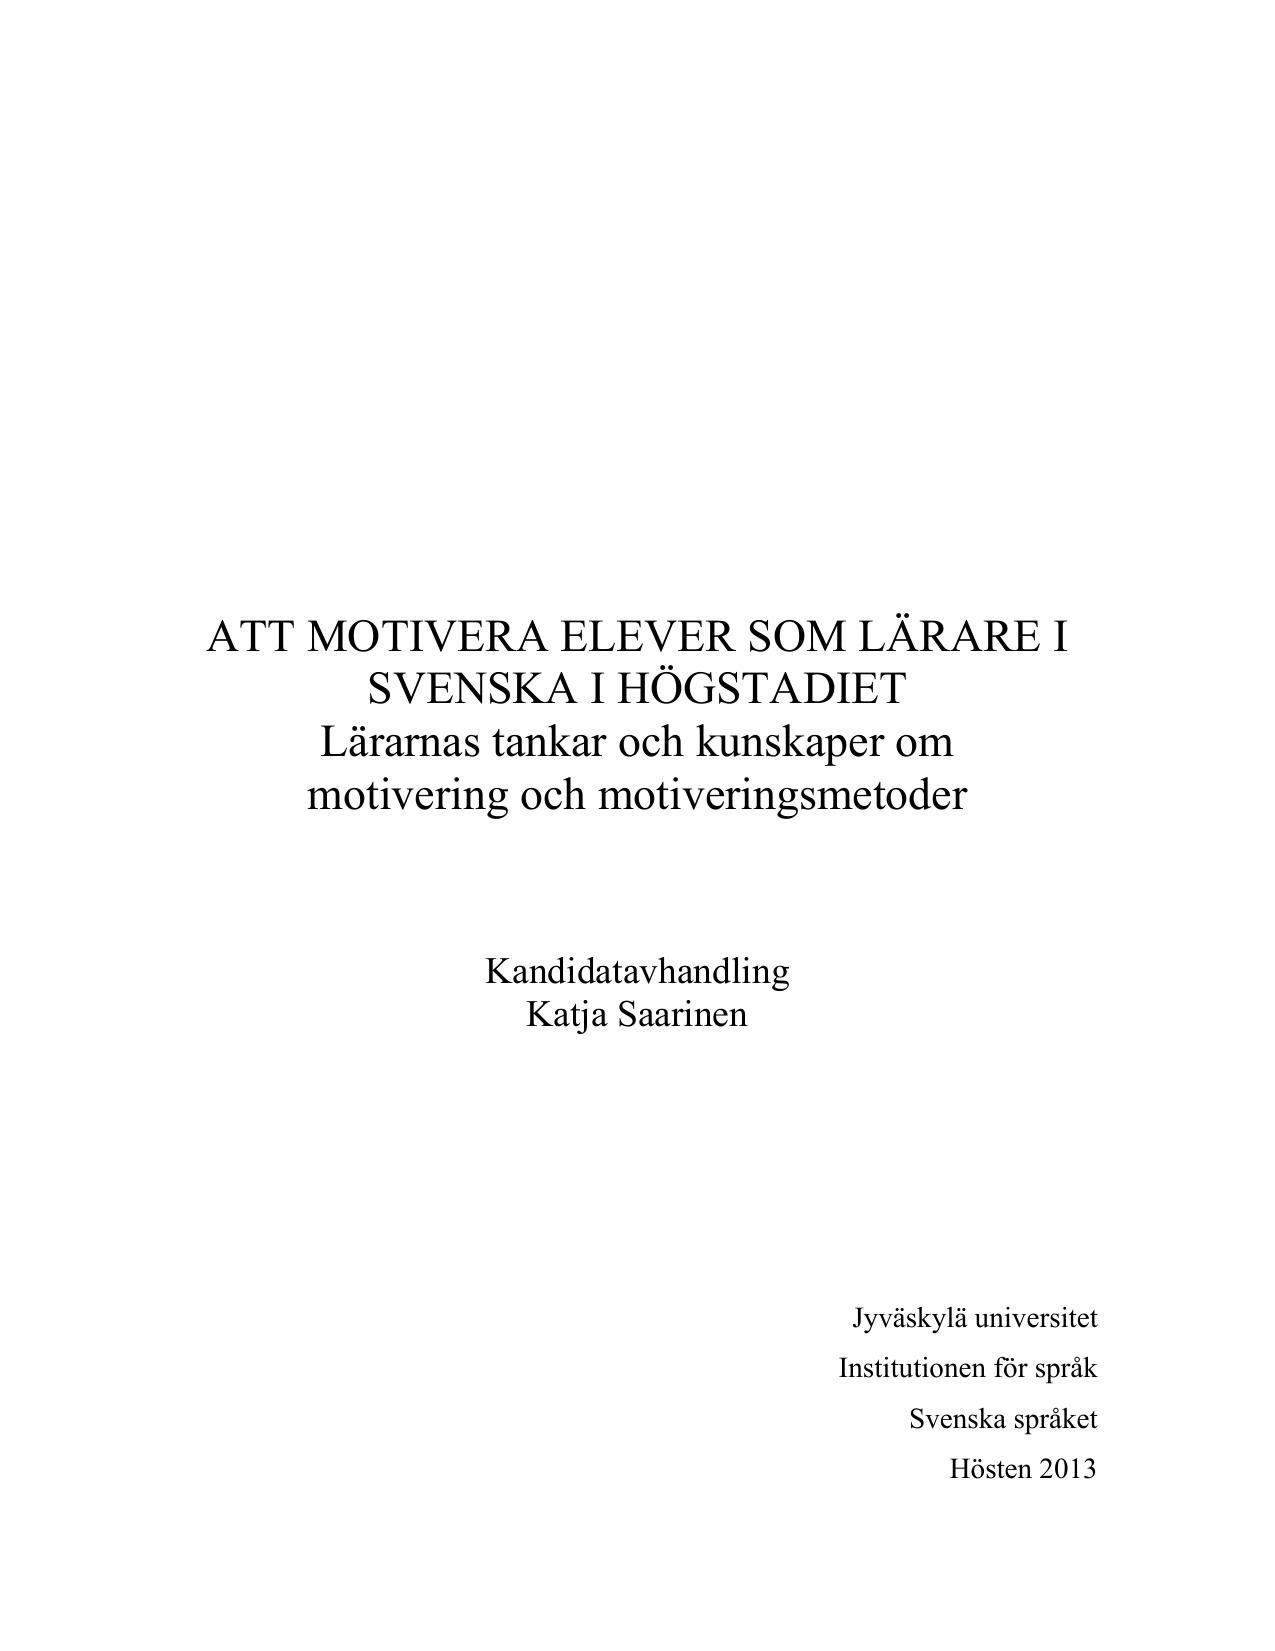 3f9fb467 ATT MOTIVERA ELEVER SOM LÄRARE I SVENSKA I